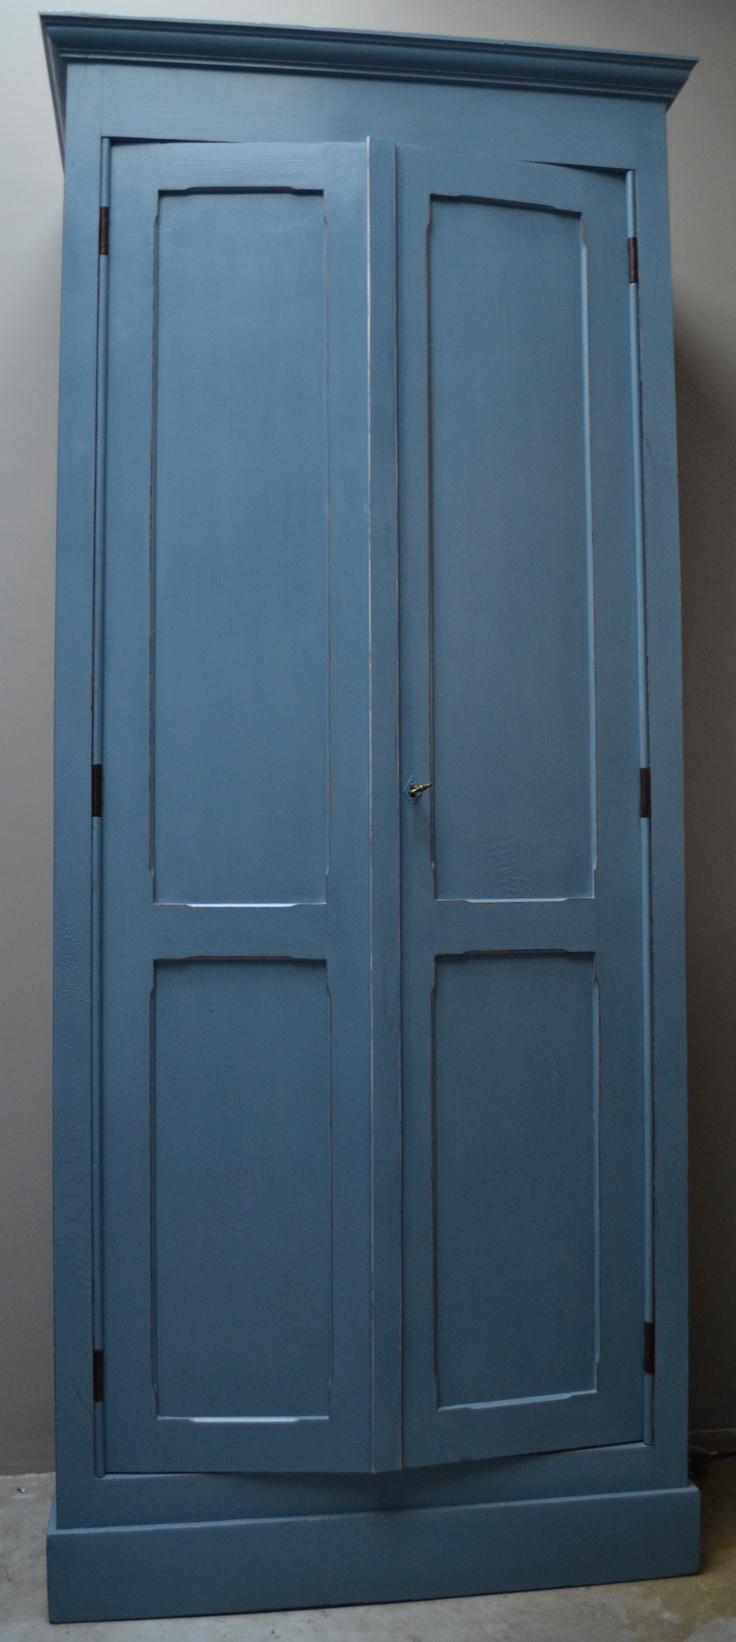 Brocante oude kast helemaal opgeknapt en geschilderd met - Kleur blauwe verf ...